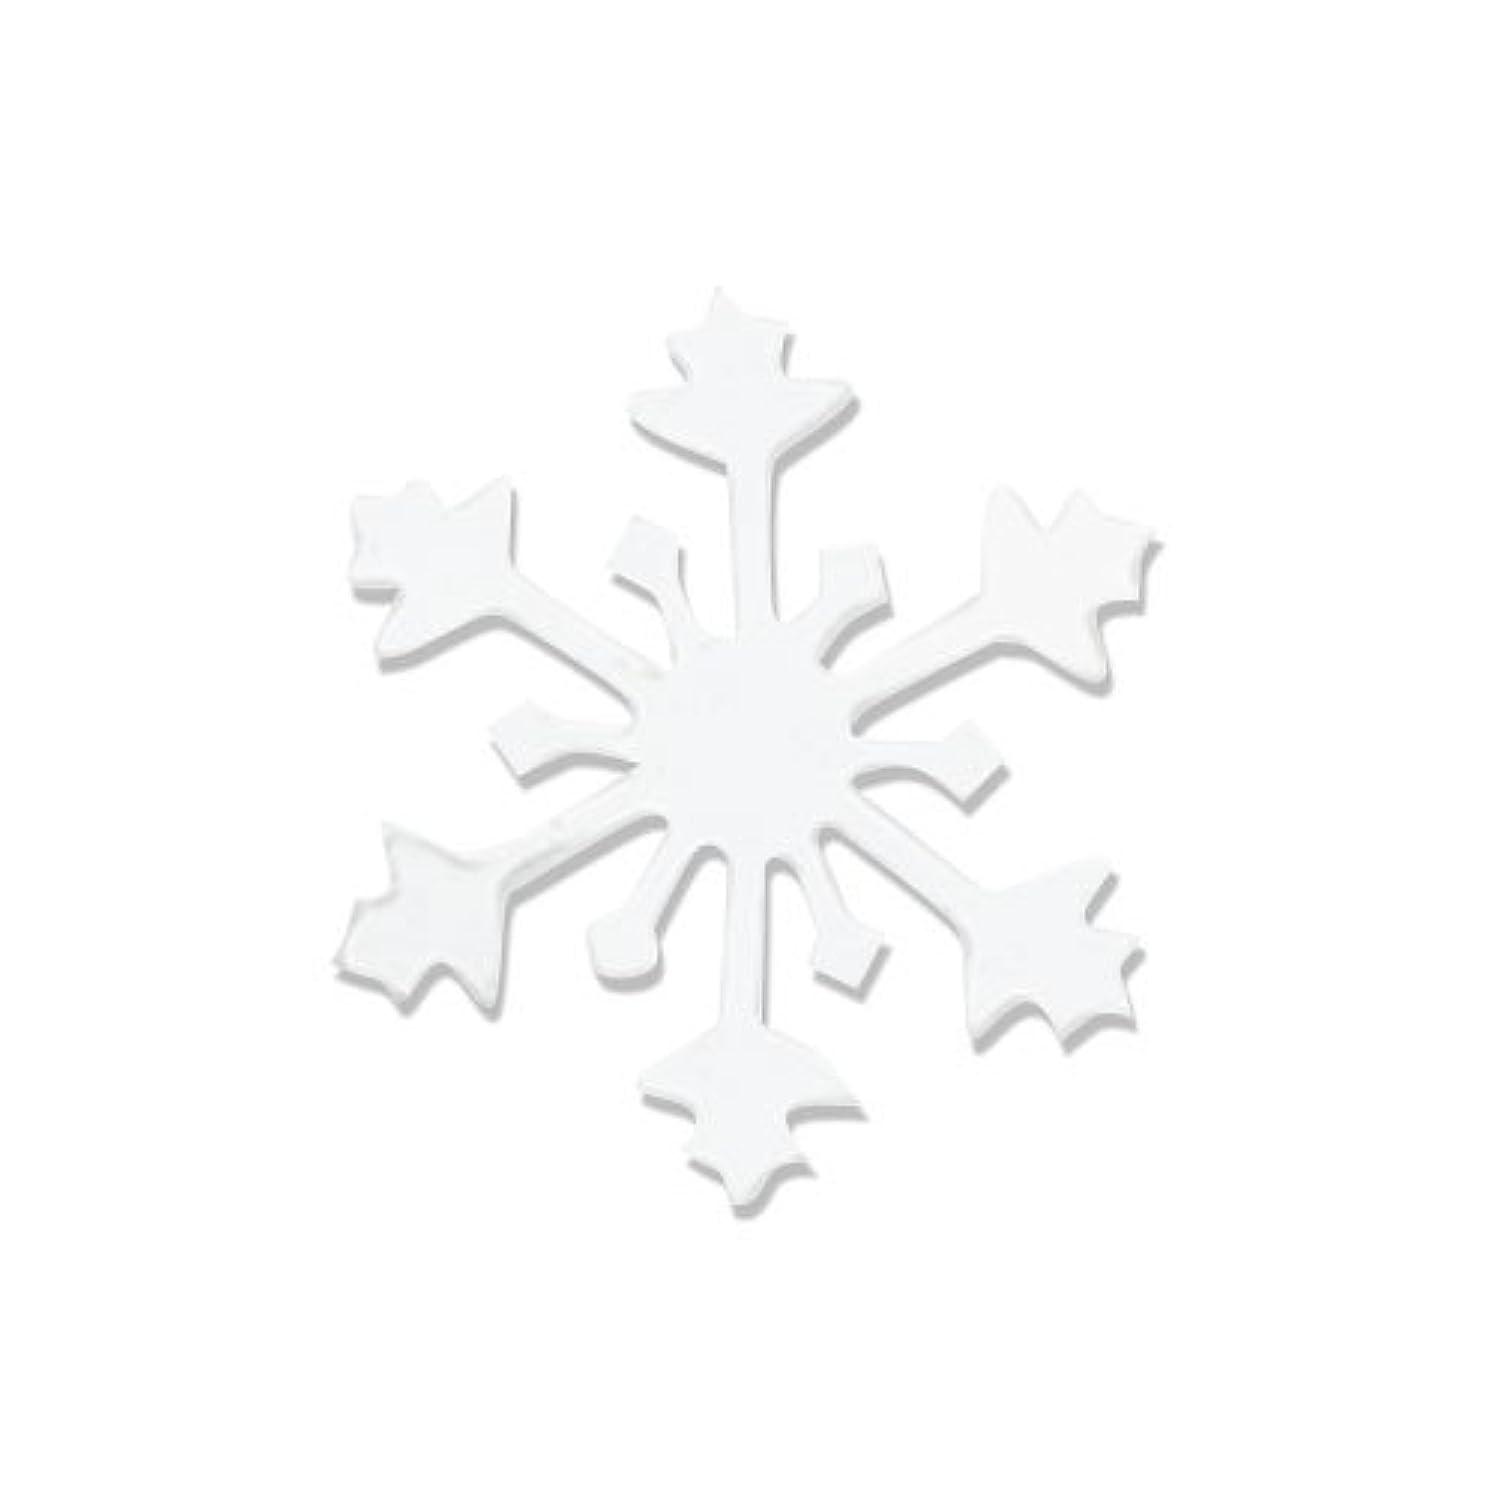 引数煩わしいゾーンリトルプリティー ネイルアートパーツ スノークリスタル S ホワイト 10個